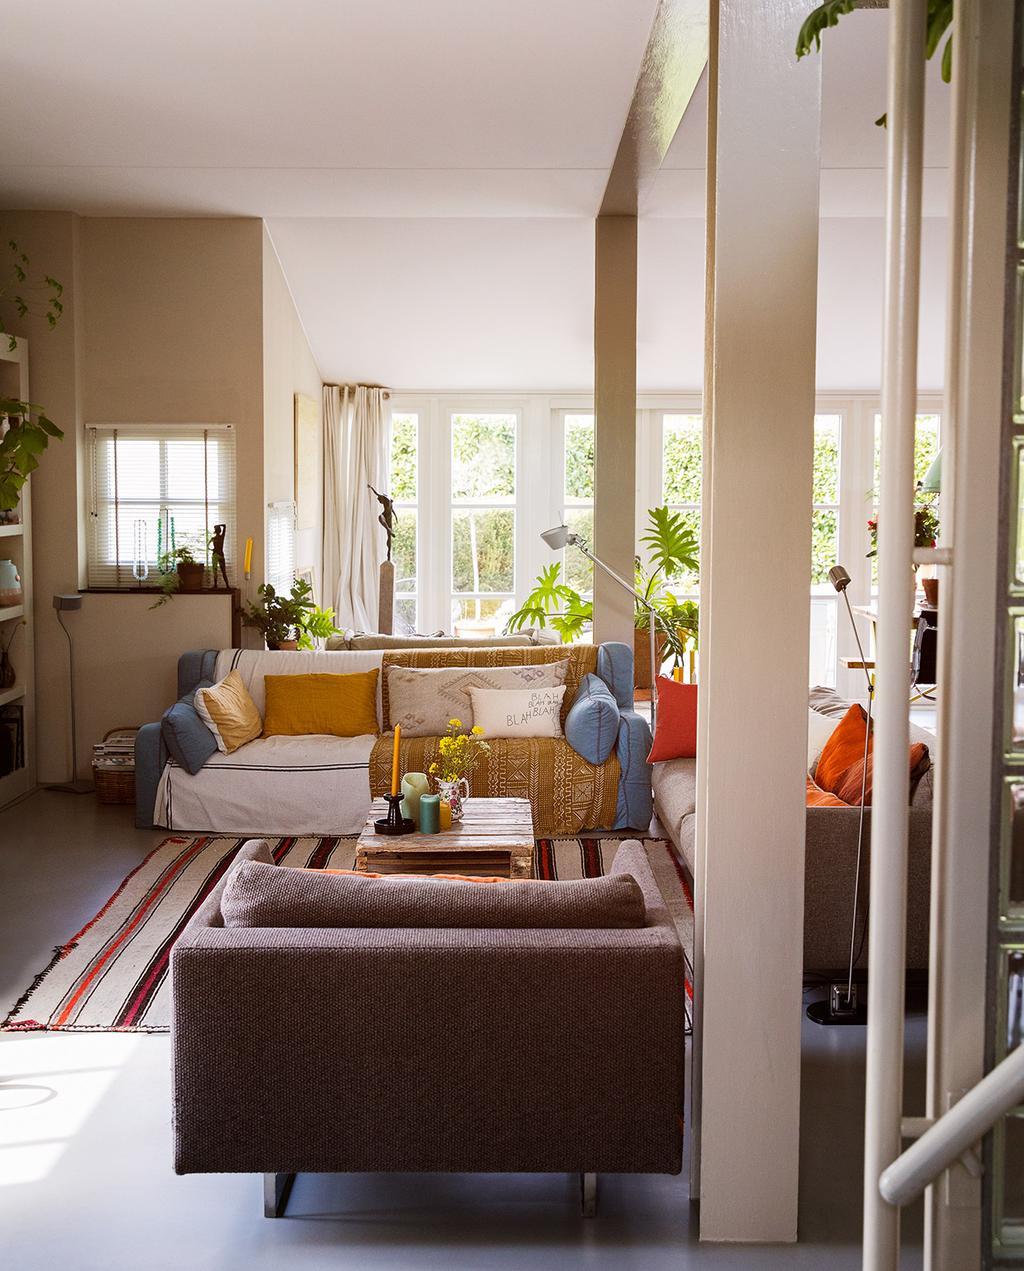 vtwonen 07-2021 | woonkamer met bijzondere bank, kleden en strepen | fortwachtershuis | binnenkijken